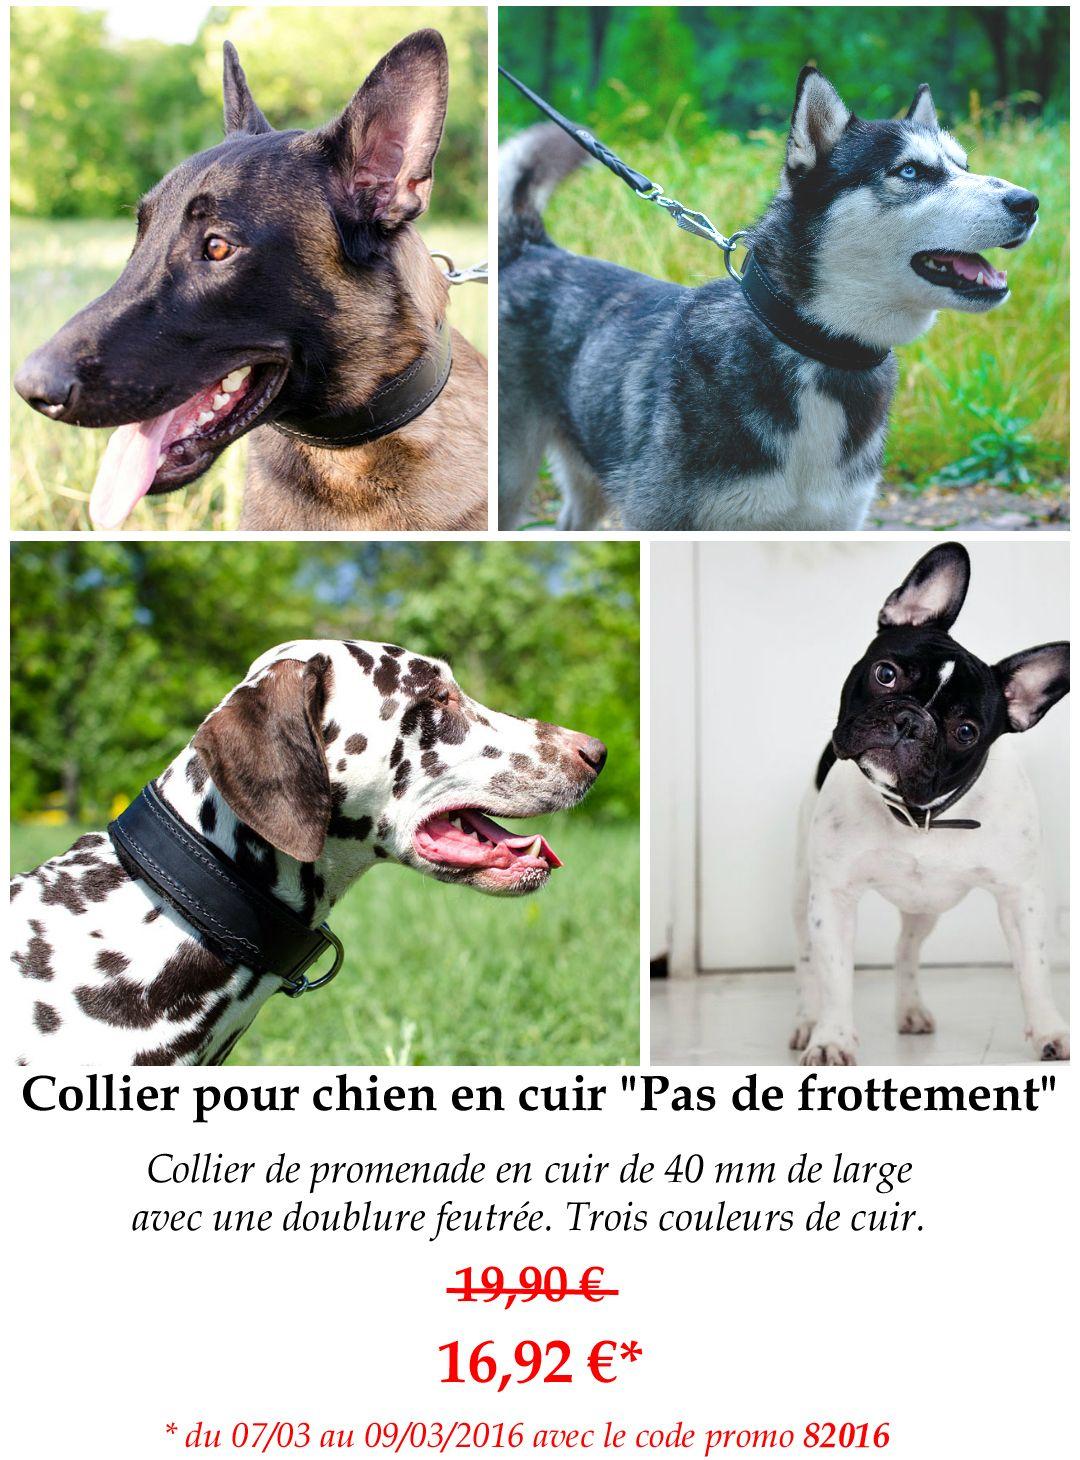 collier pour chien promo